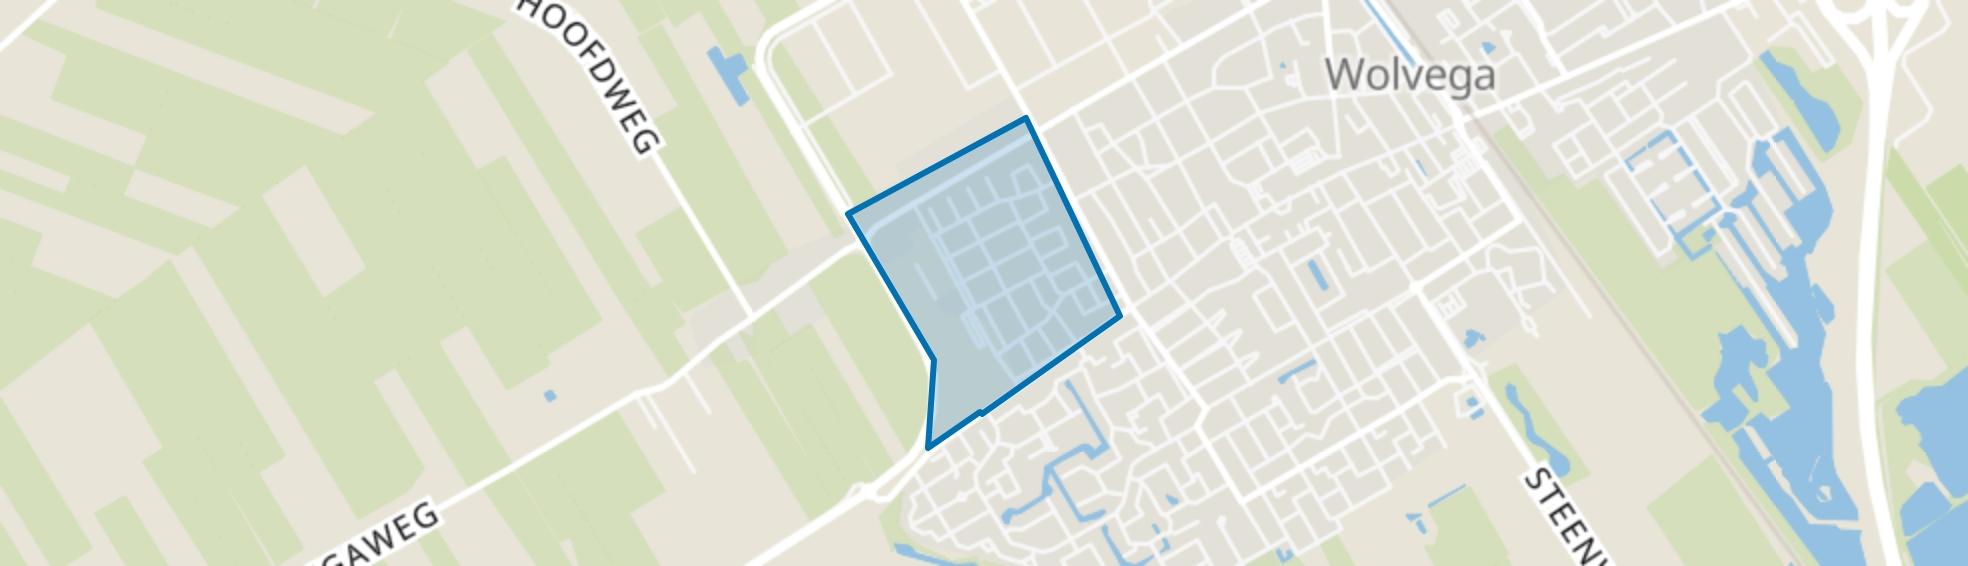 Wolvega-De Meulepolle, Wolvega map